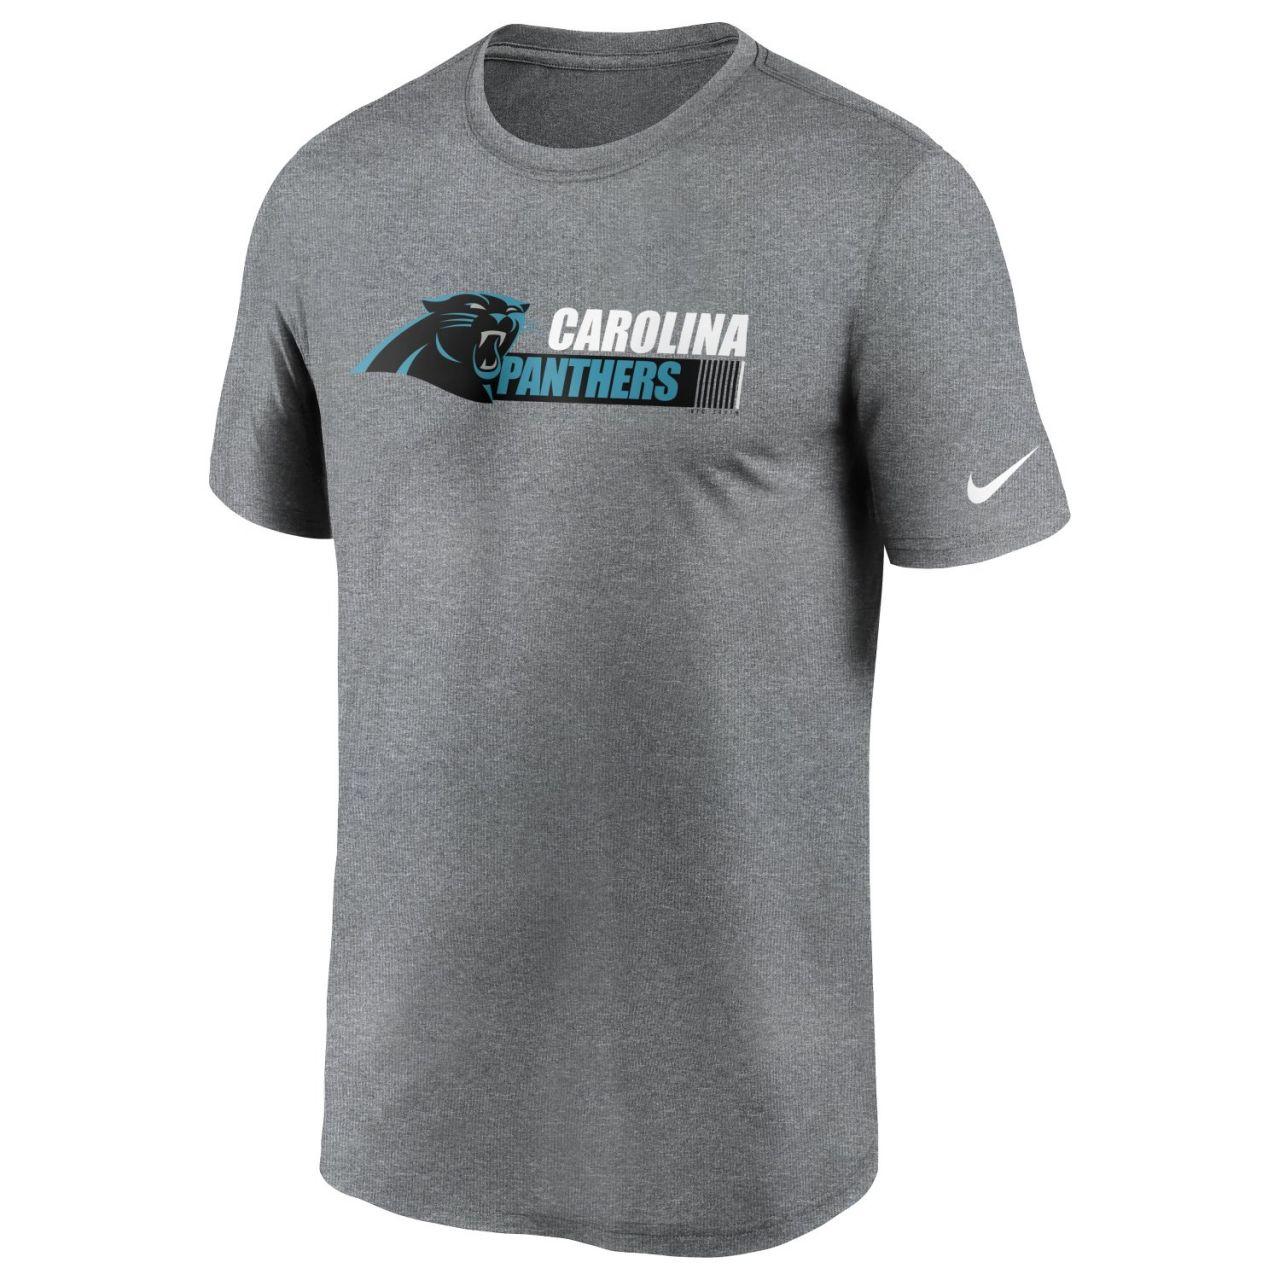 amfoo - Nike Dri-FIT Legend Shirt - PRIMETIME Carolina Panthers